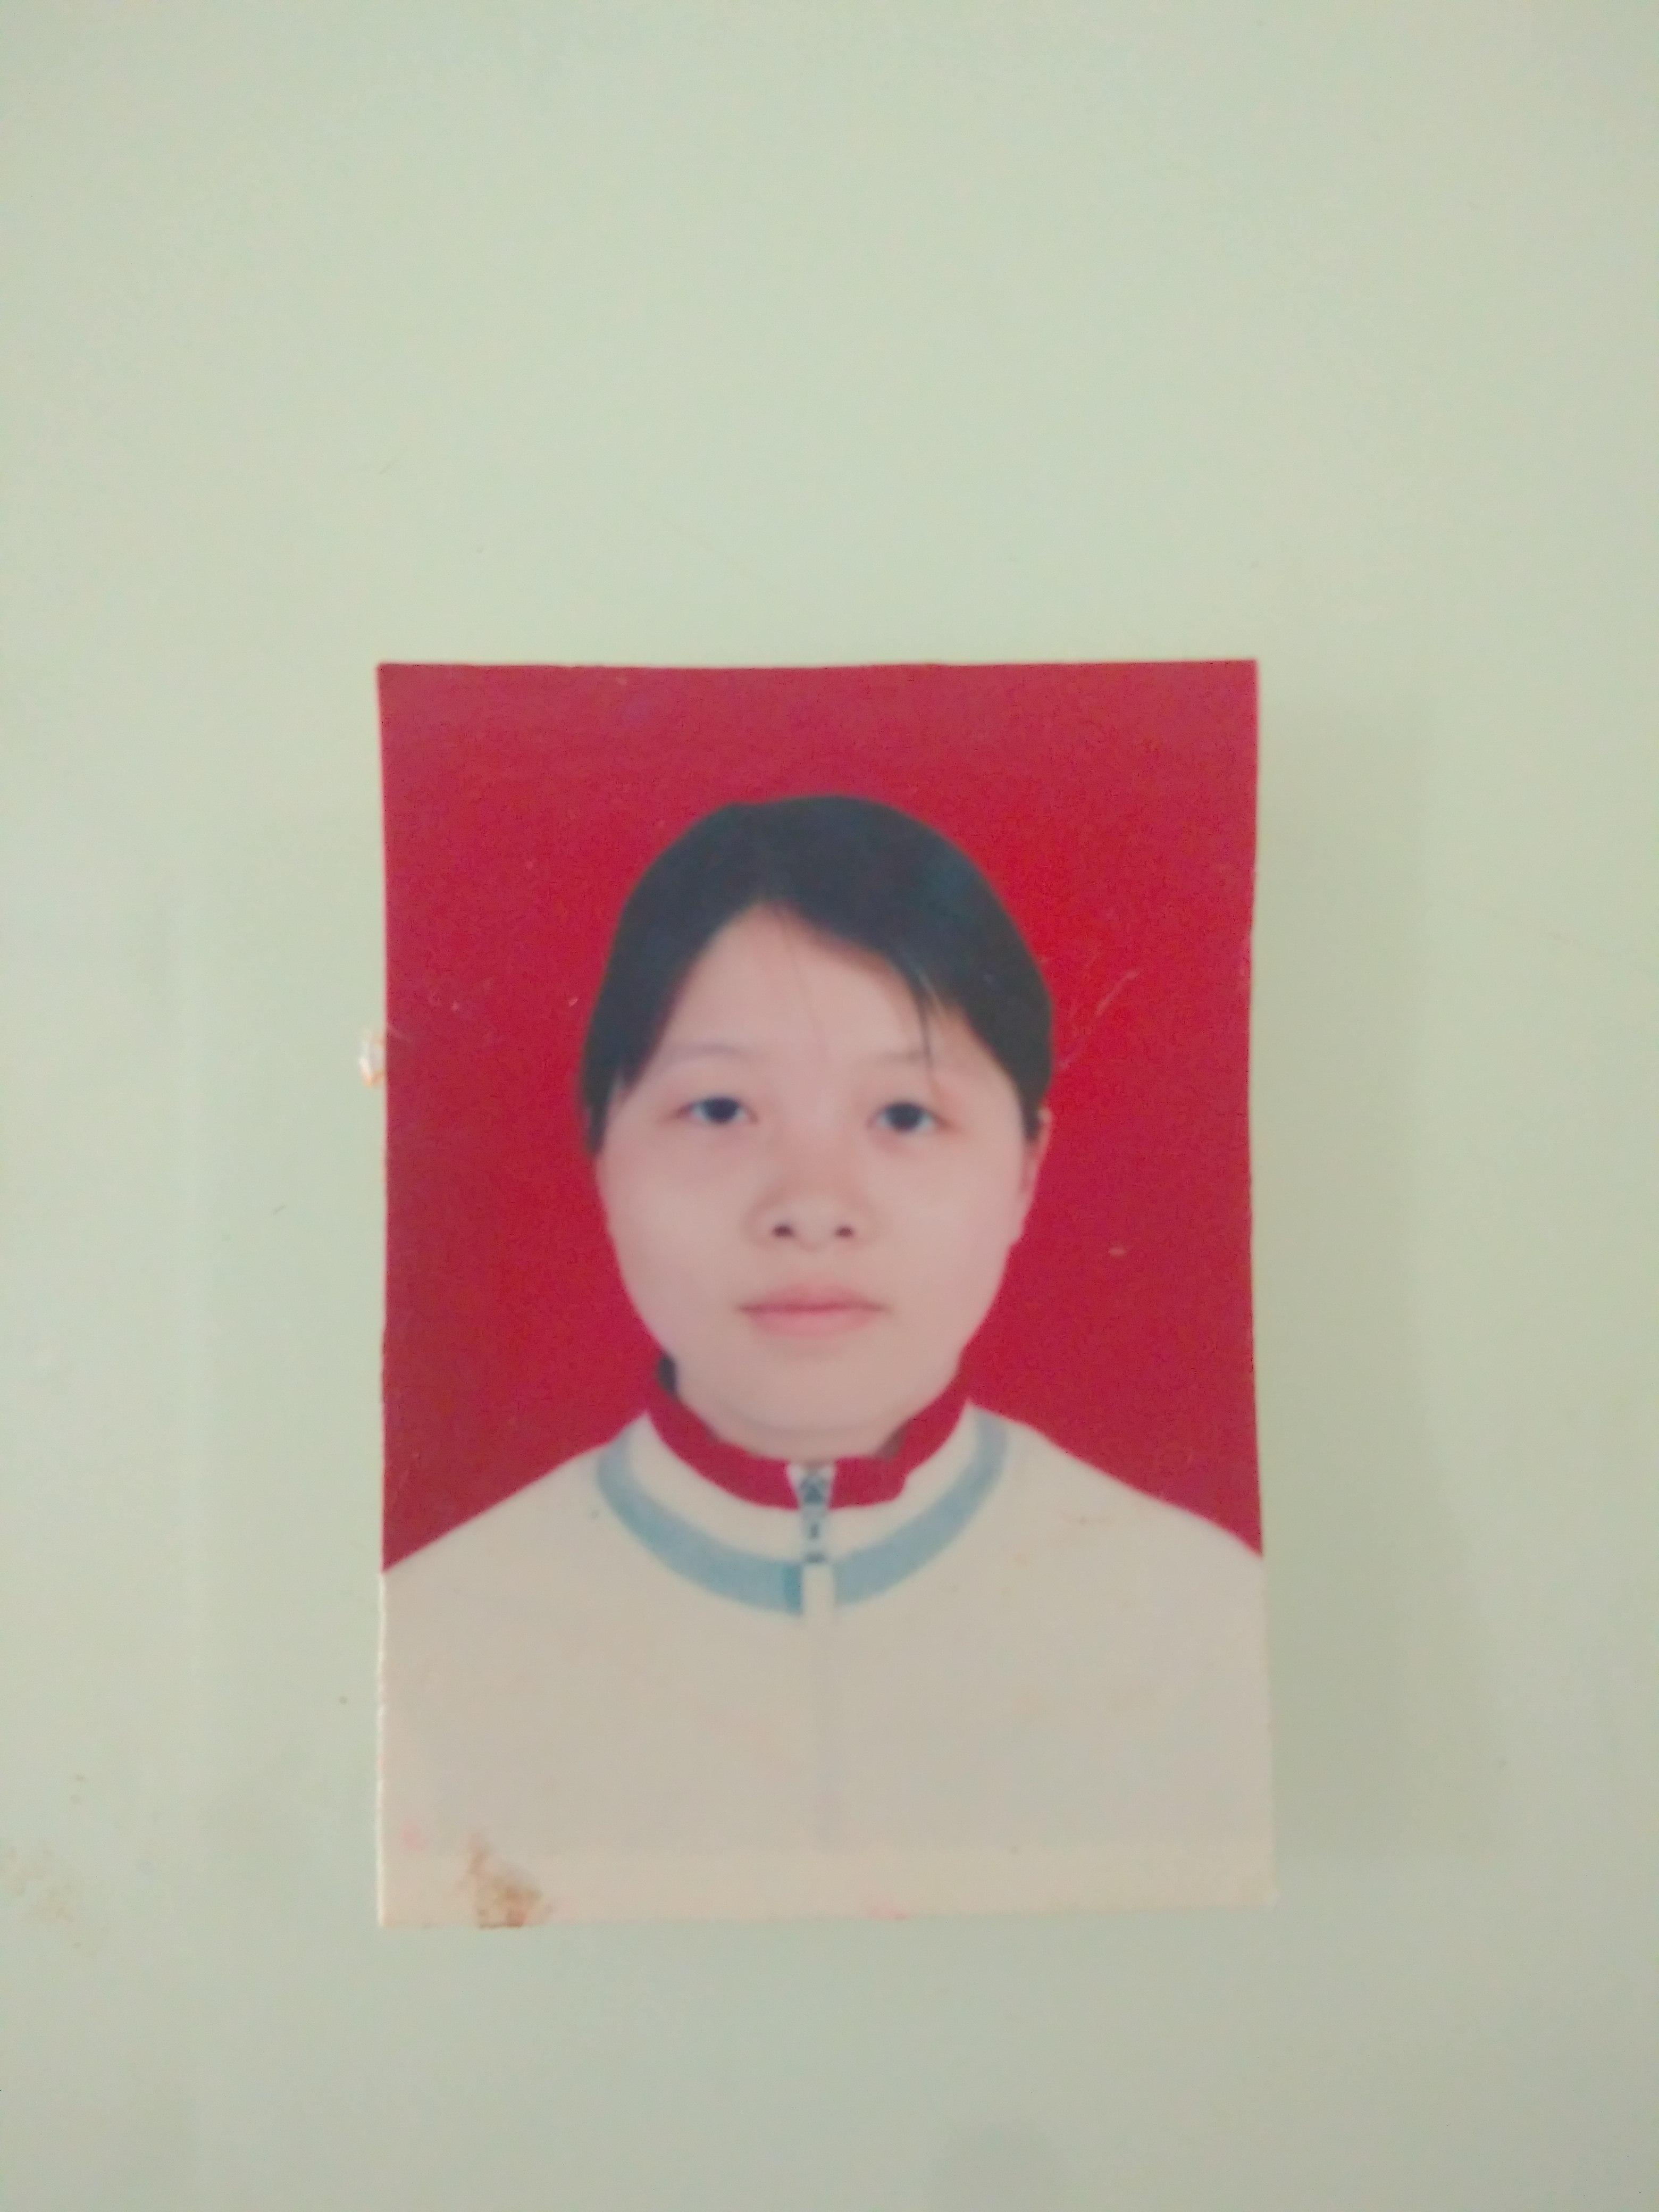 李辉的简历照片